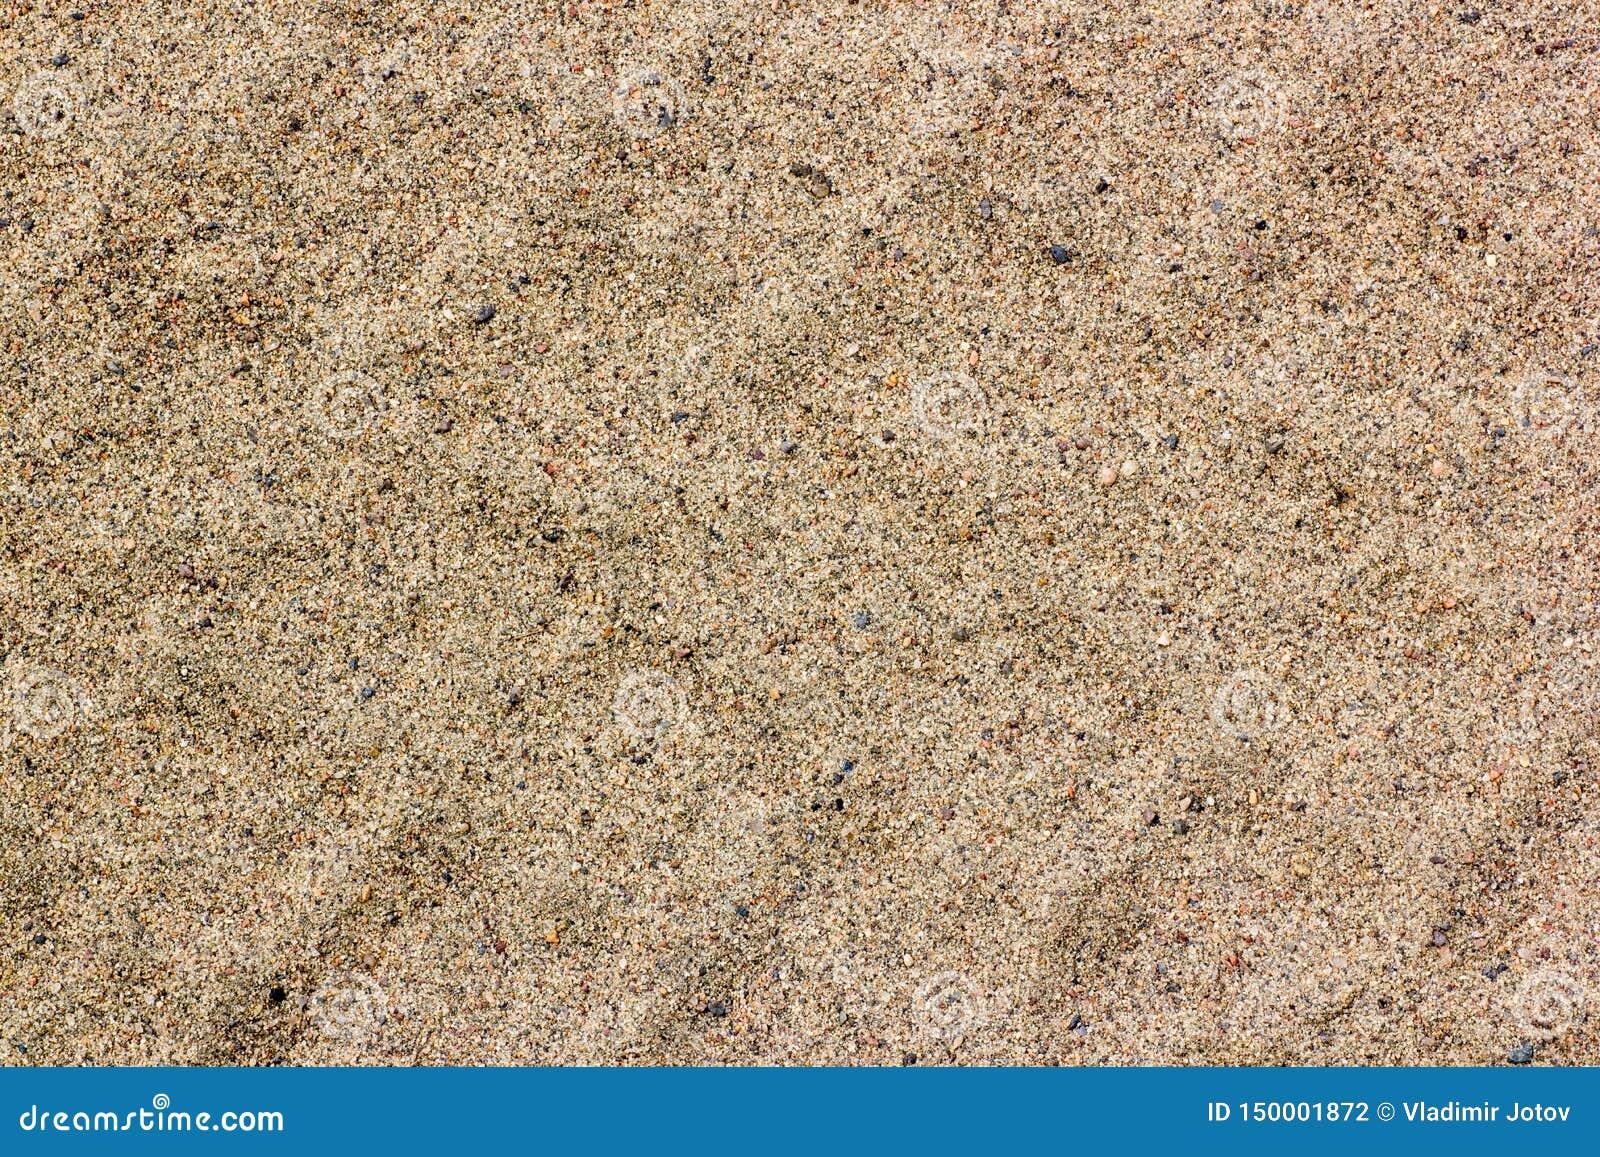 Autoreifenbahnen auf trockenem Sand, Straße, abstrakter Hintergrund, Beschaffenheitsmaterial Reifenbahn auf dem Schmutzsand oder